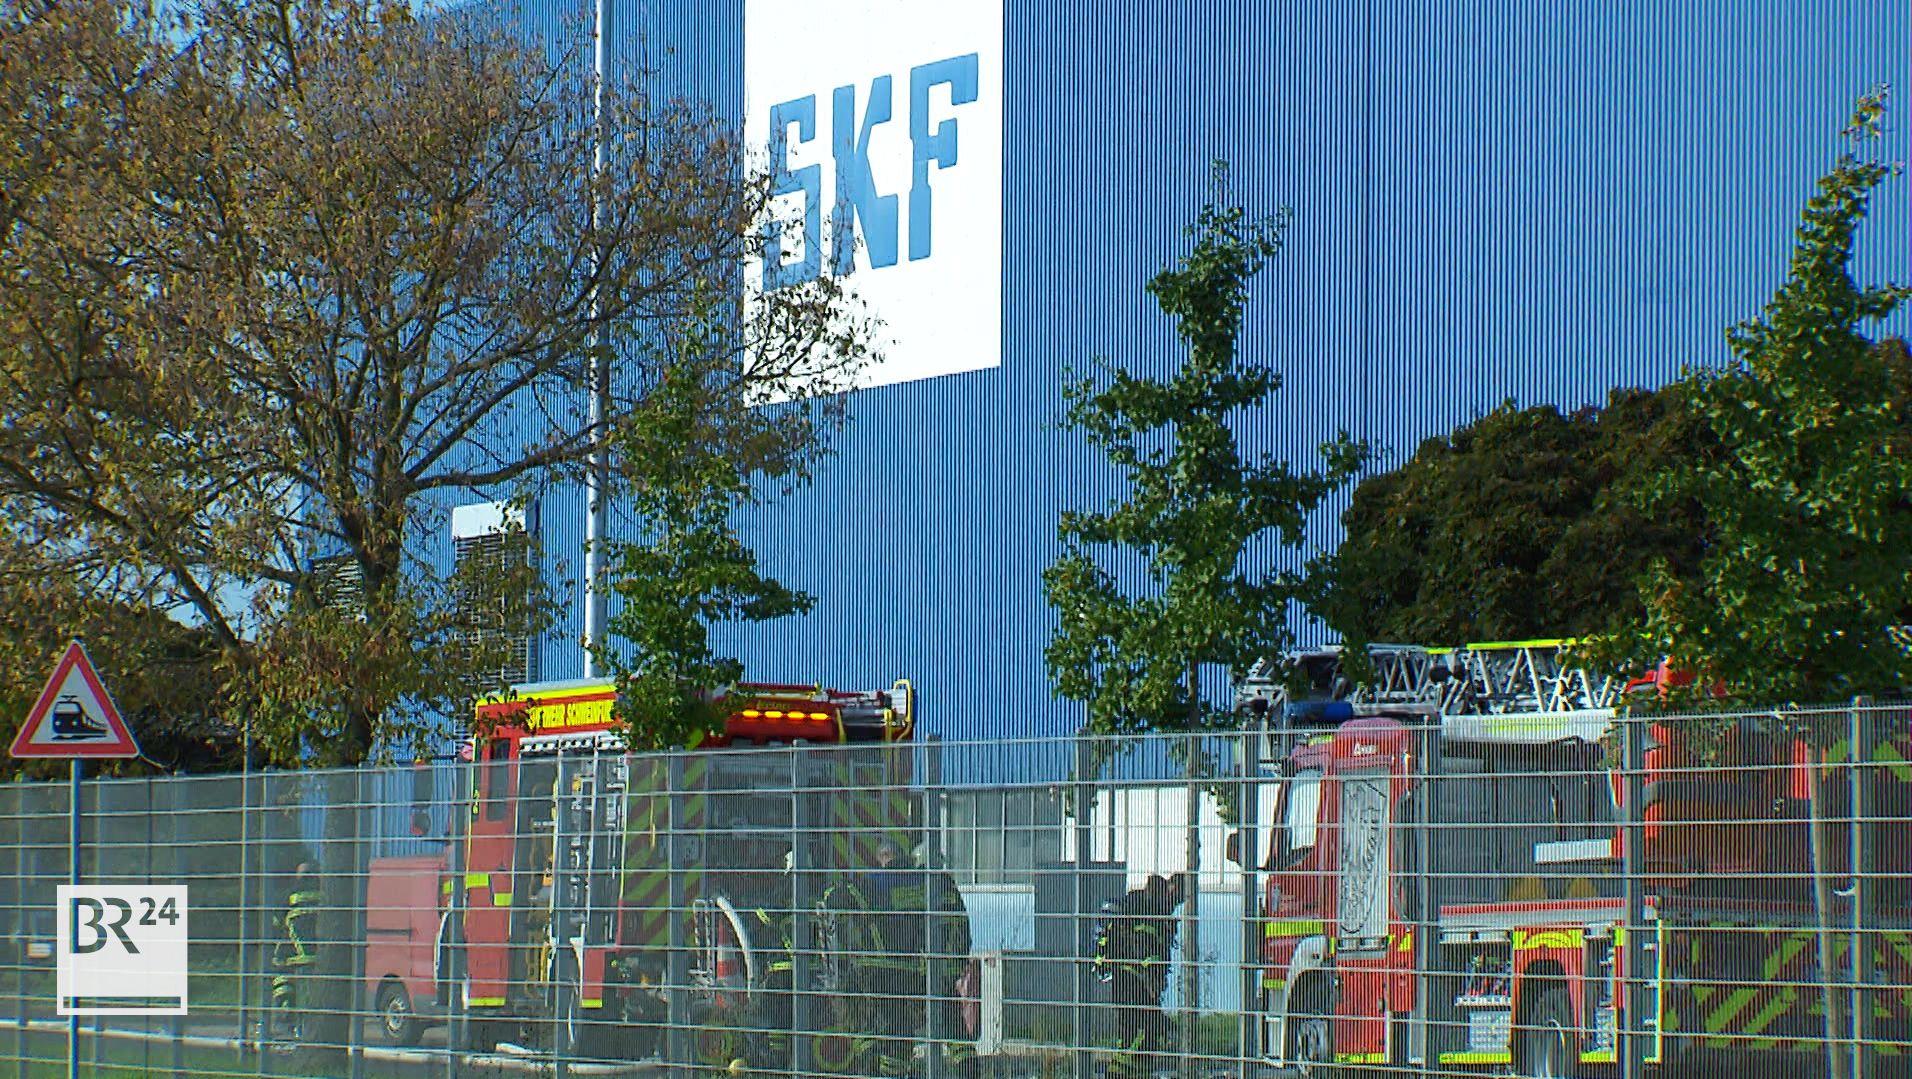 Feuerwehr vor dem Wälz-Lager-Unternehmen SKF in Schweinfurt